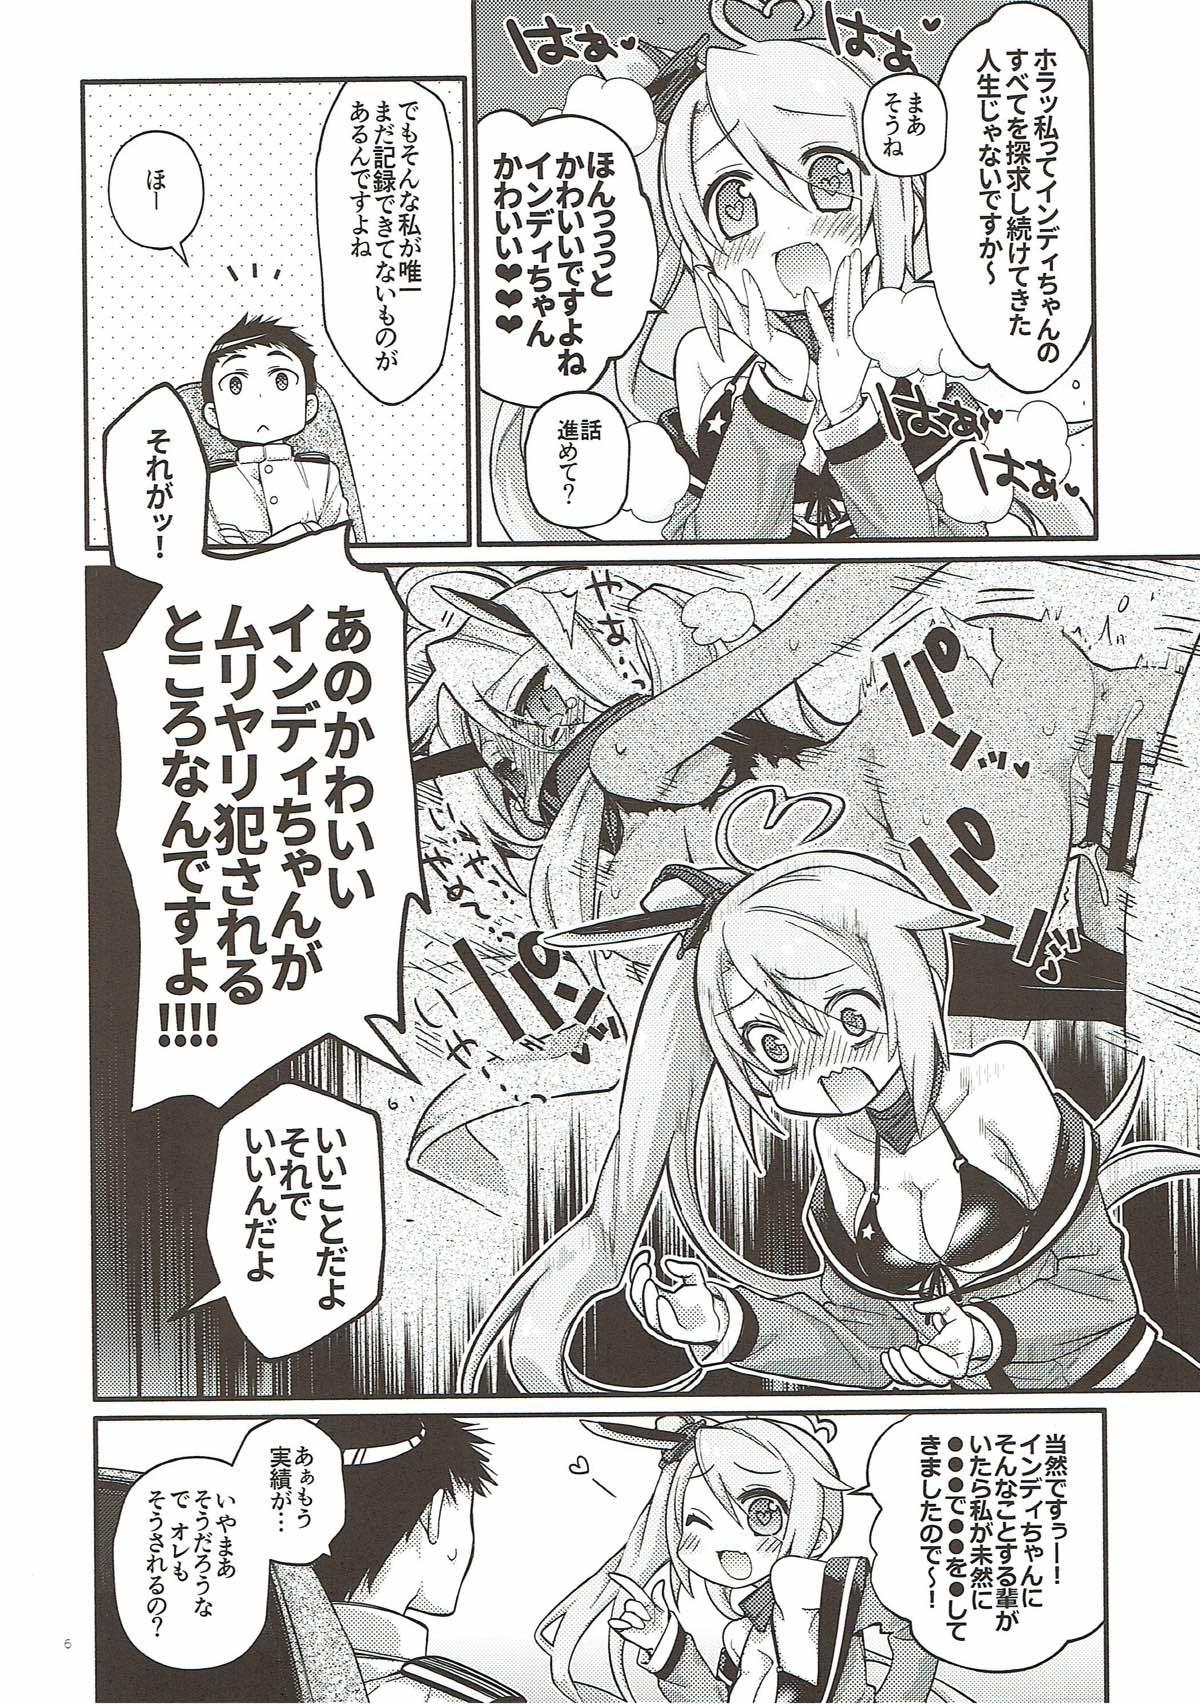 ほんと、あの、お姉ちゃんが色々ヒドくてごめん・・・私、指揮官になら、むりやりされてみたいなって・・・ちょっと思った・・・【アズールレーン エロ漫画・エロ同人】 (3)